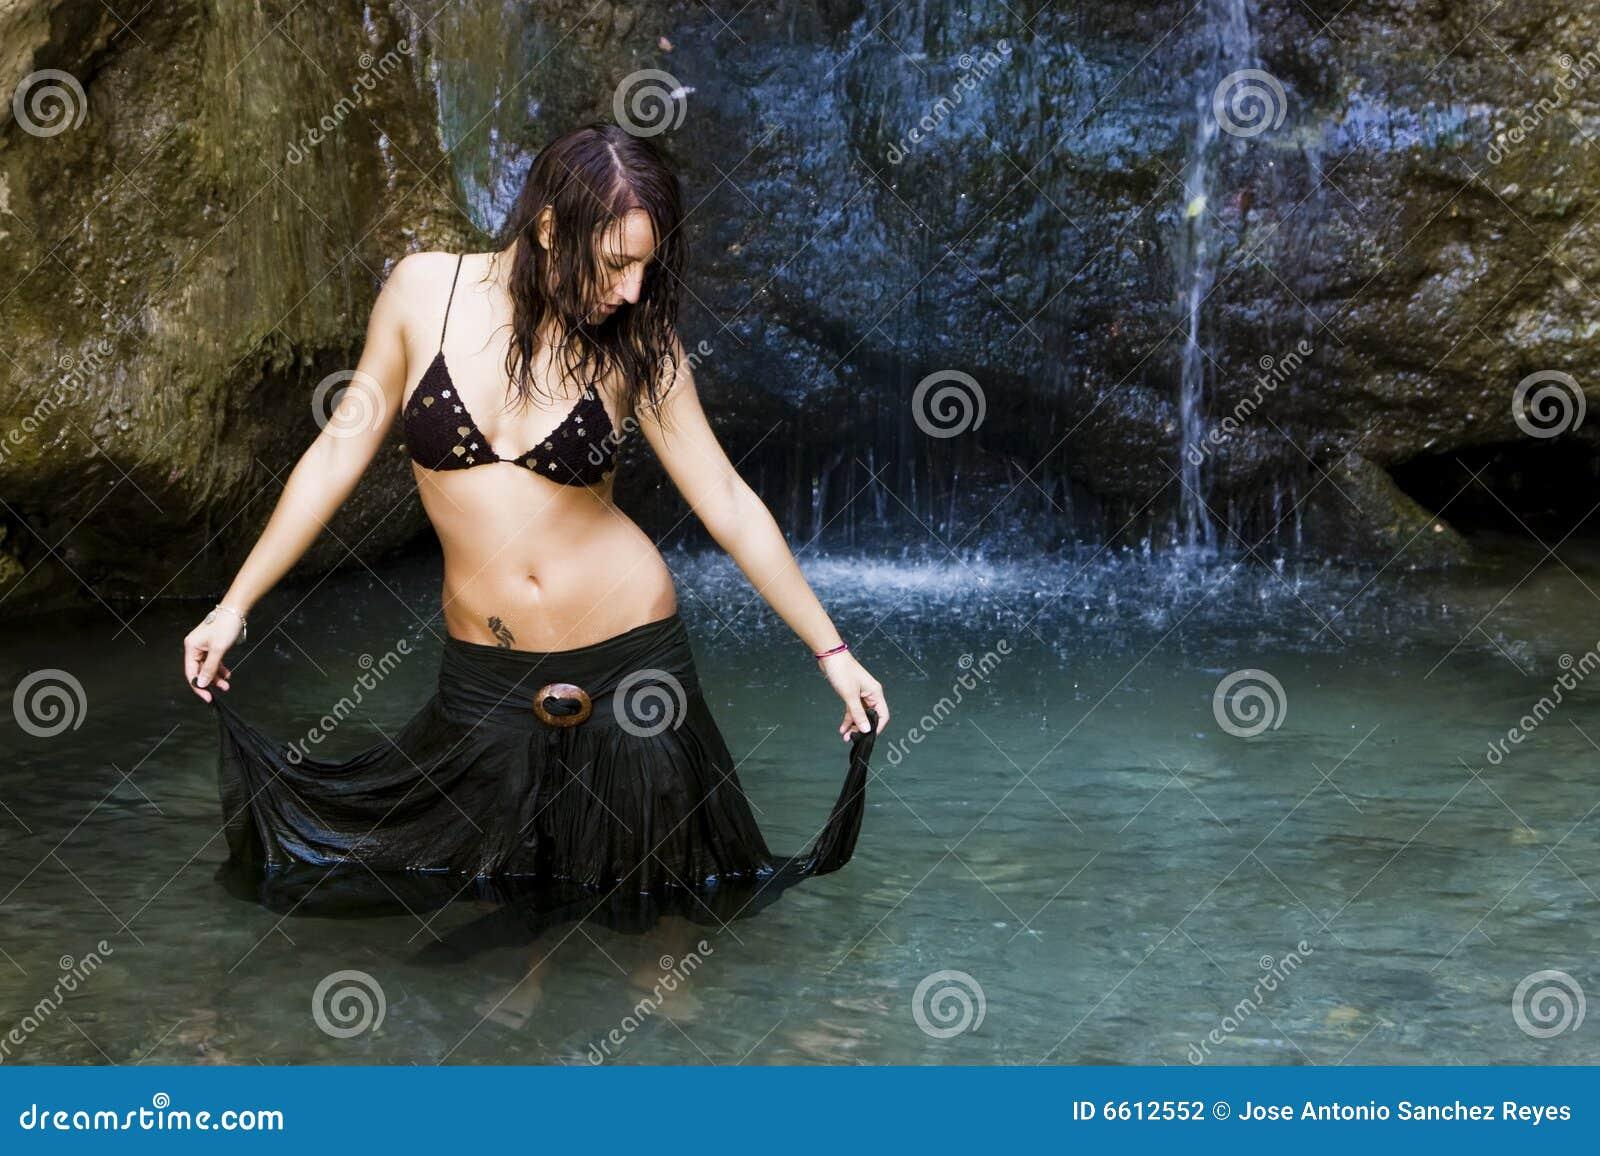 Cascada detrás de la mujer